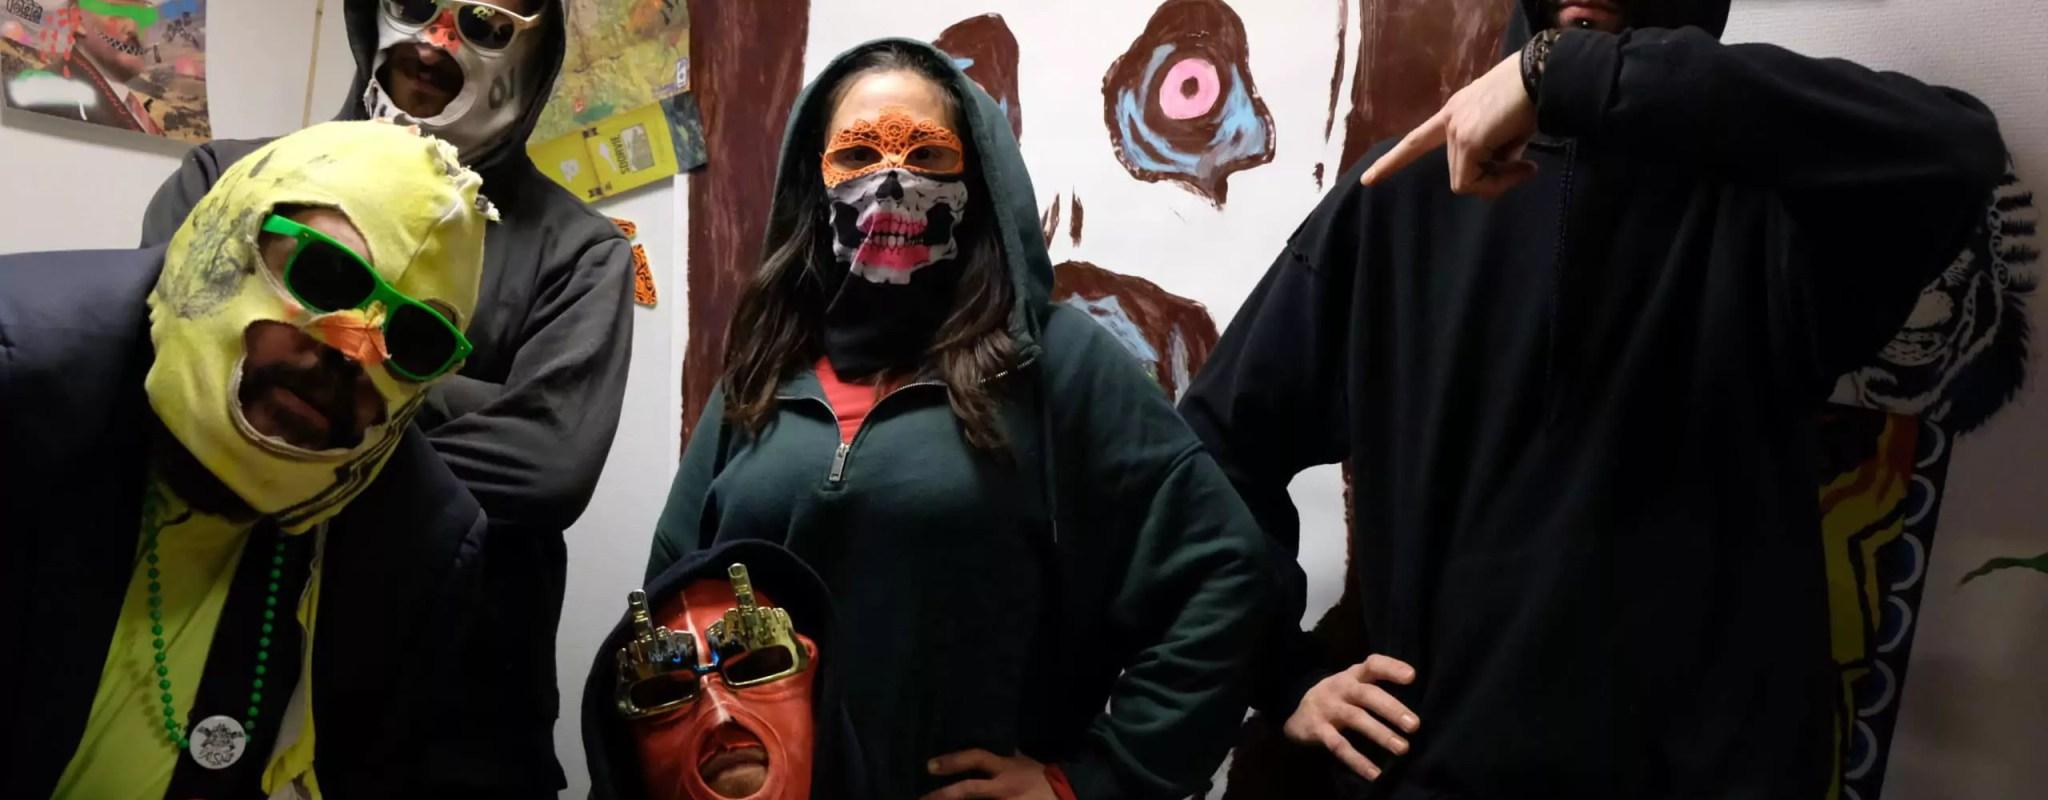 Un rap en novlangue sur une dictature imaginaire: Sdorvia Deskoprépare une tournée en camion